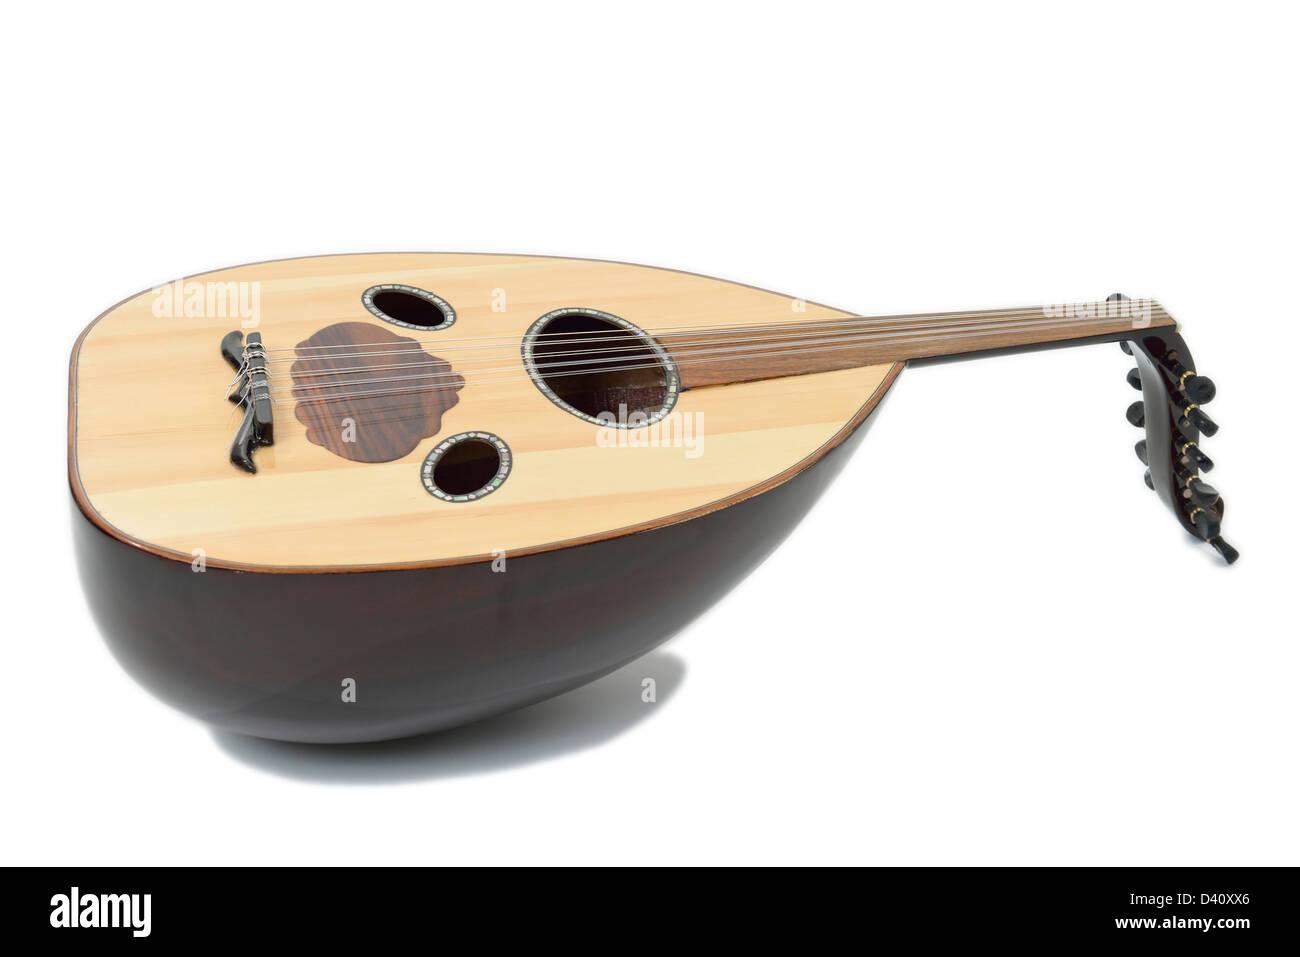 Un Oud - un Arabo / turco / Ebraico / liuto orientale dello strumento musicale Immagini Stock